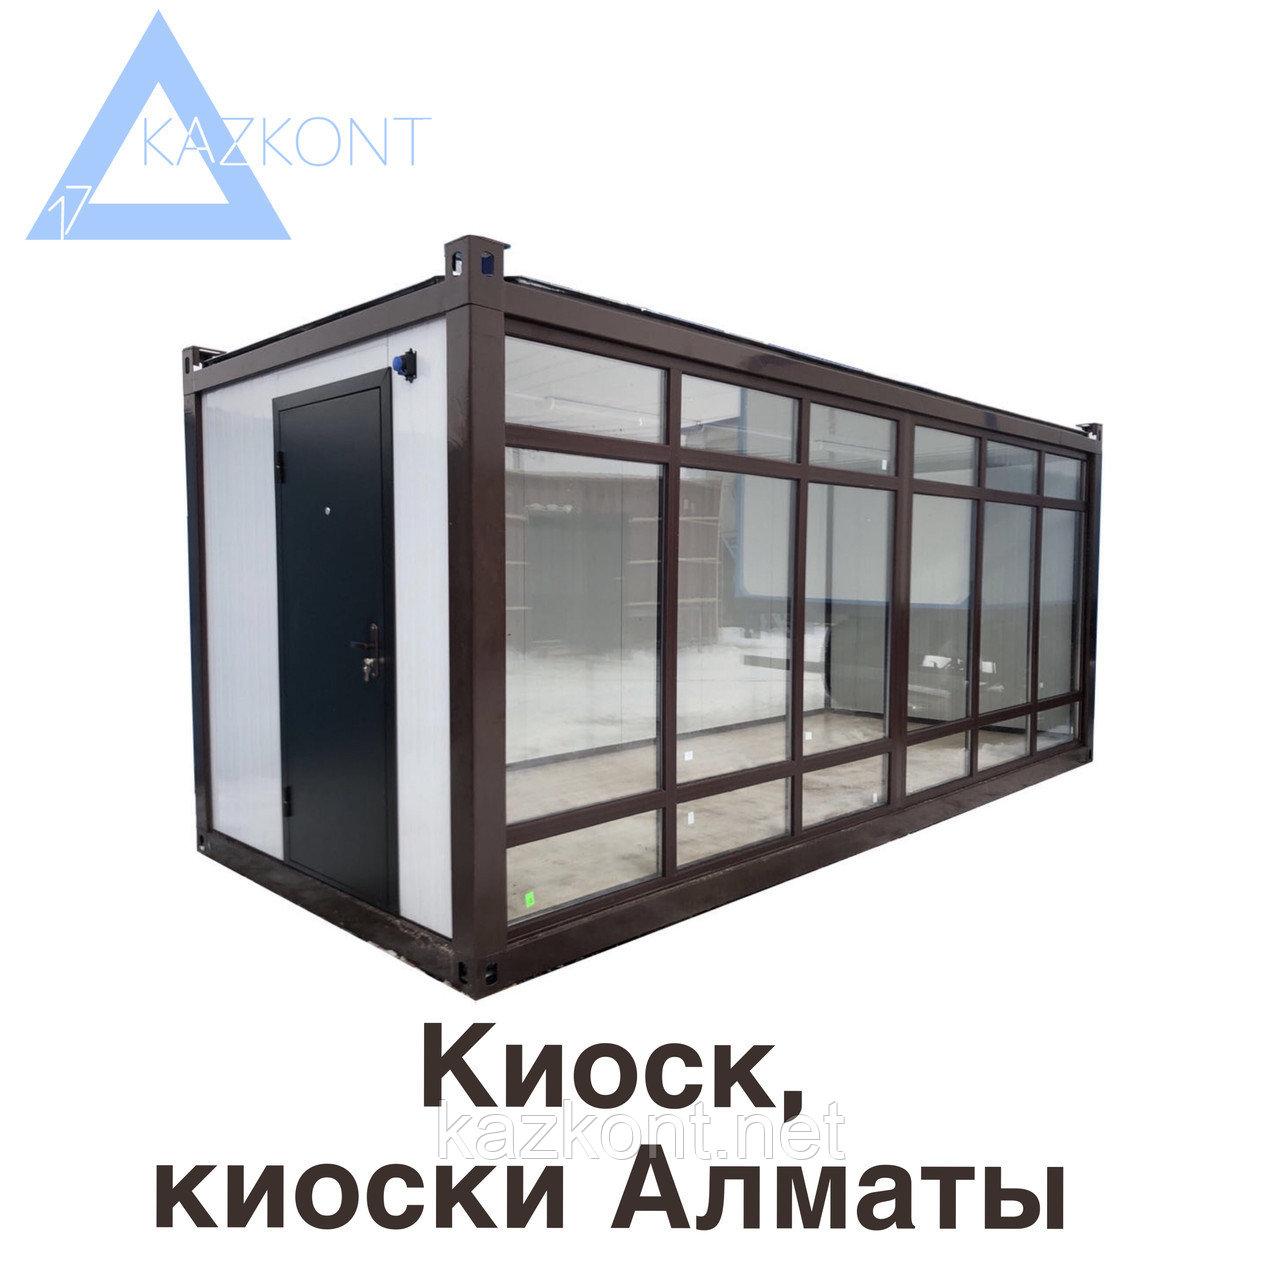 Овощной Киоск в Алматы!